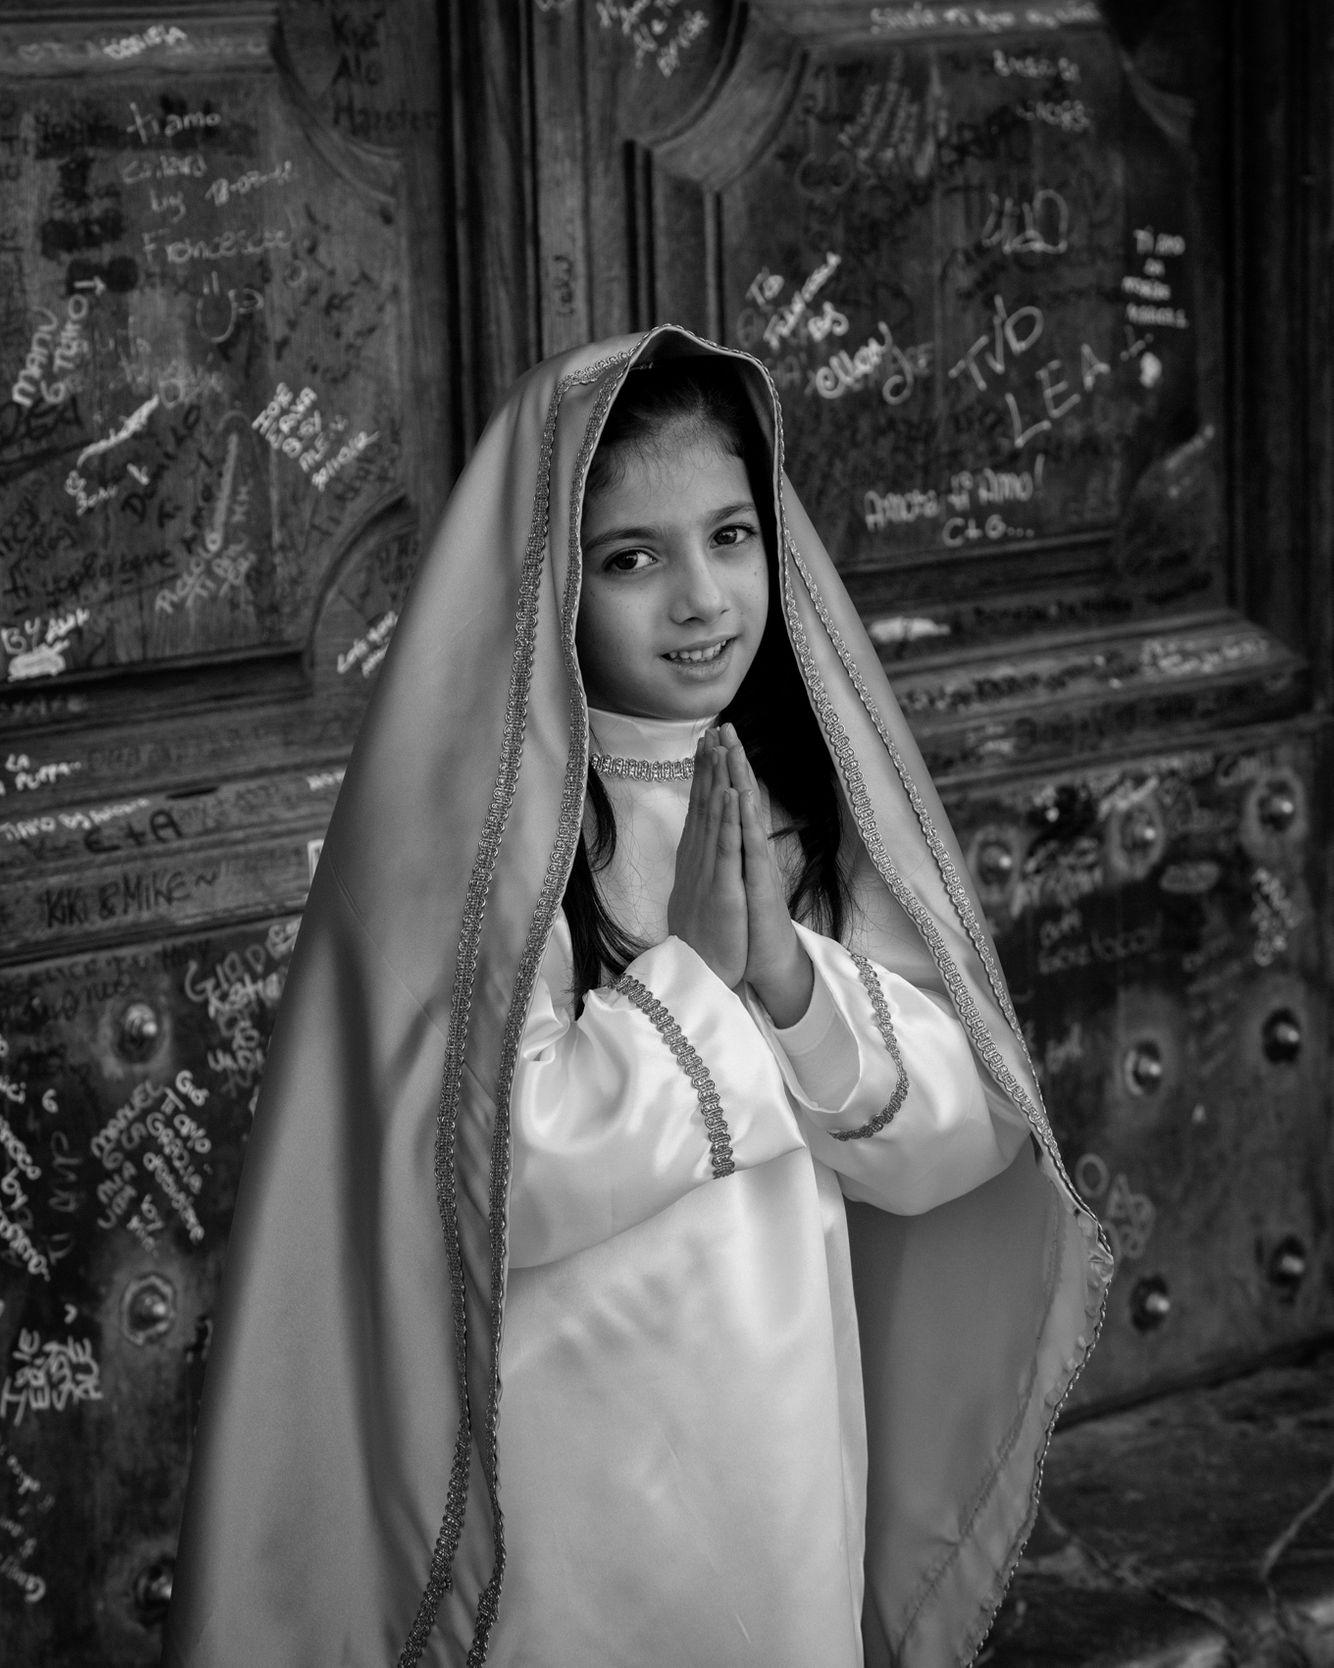 ITALY:  Settimana Santa in Sicily